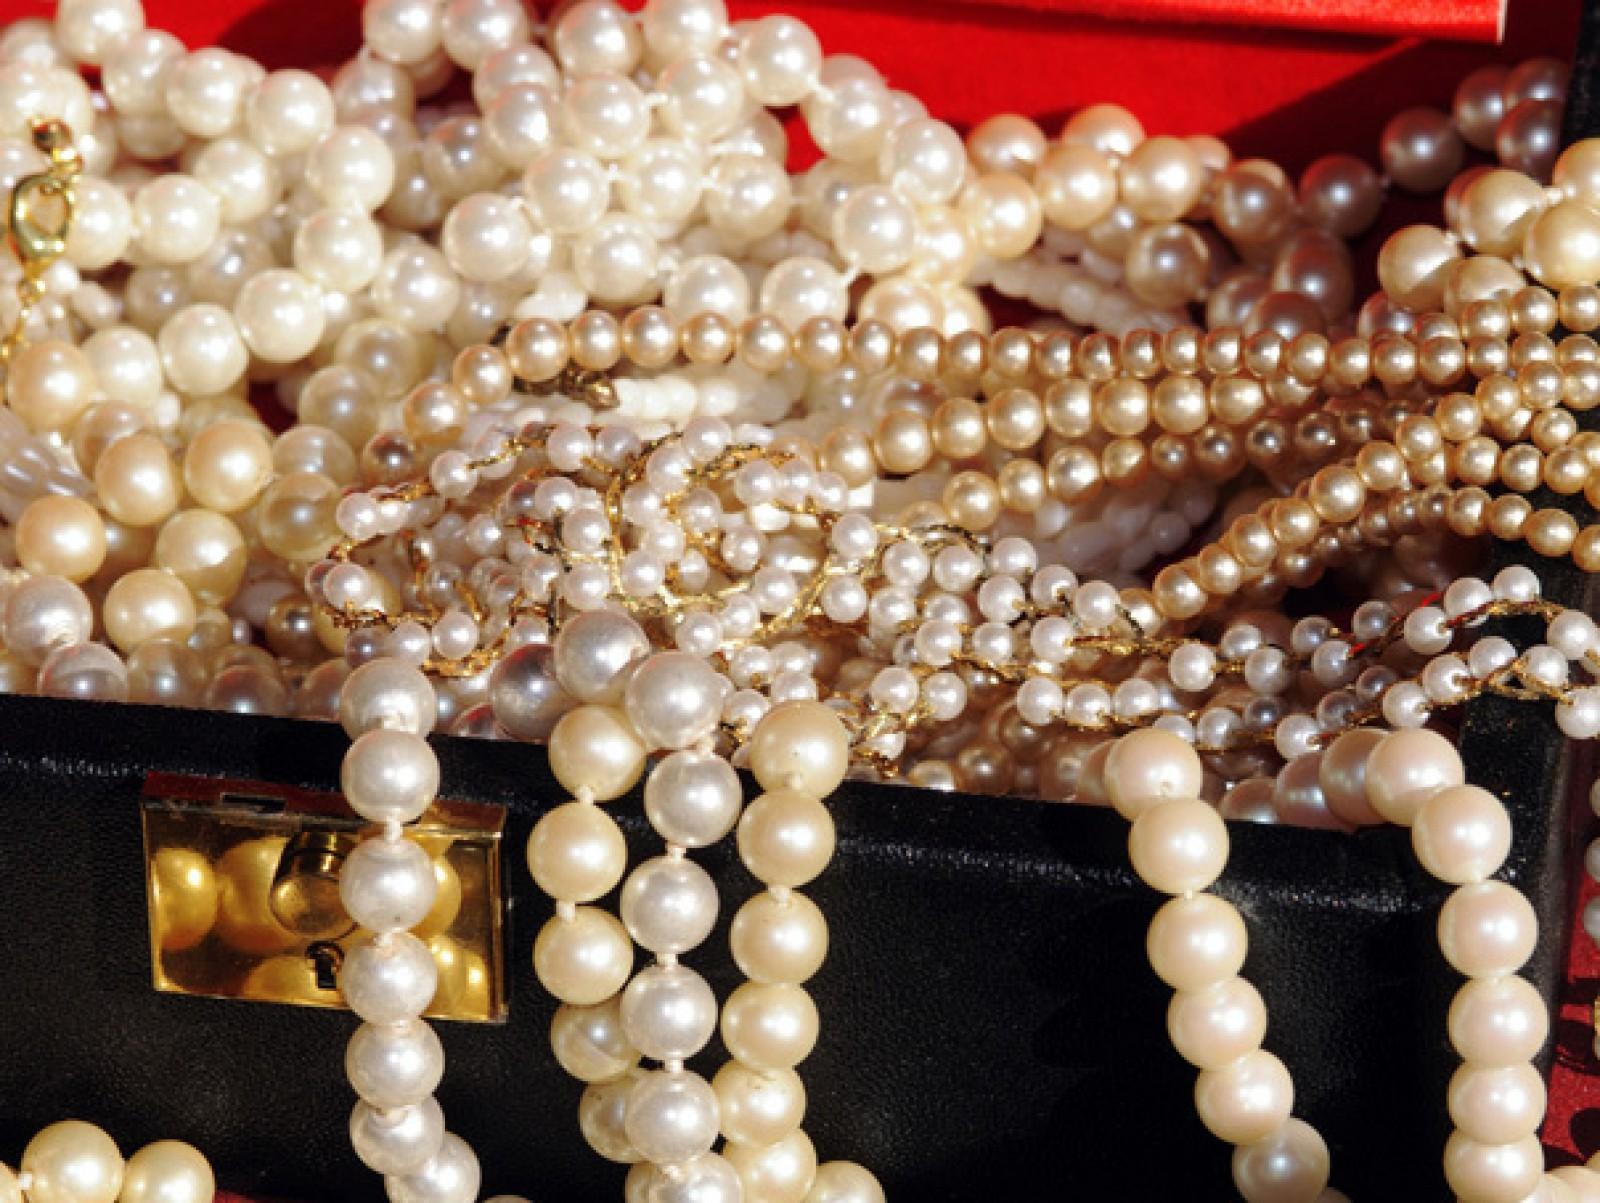 Jaf de milioane de euro în Paris. Cinci persoane înarmate au furat bijuterii dintr-un magazin aflat într-un hotel